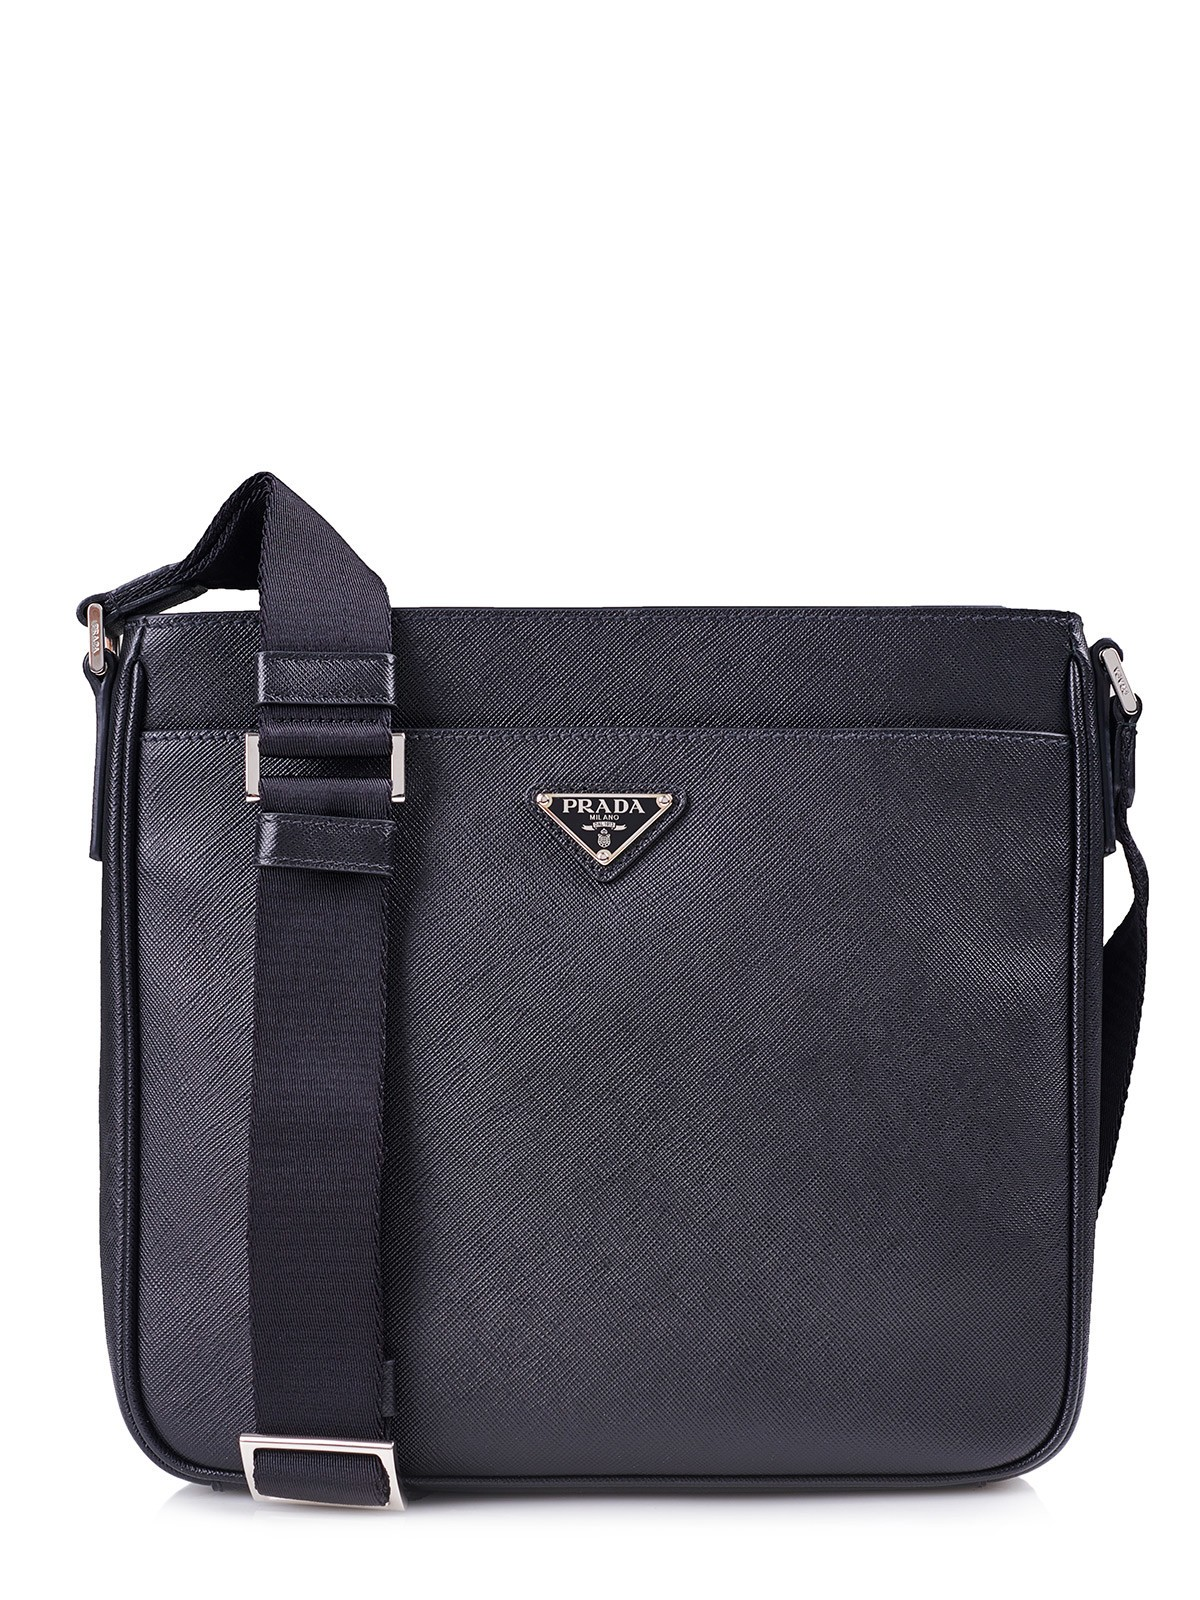 prada tasche bag 2vh086 schwarz 100 leder leather. Black Bedroom Furniture Sets. Home Design Ideas